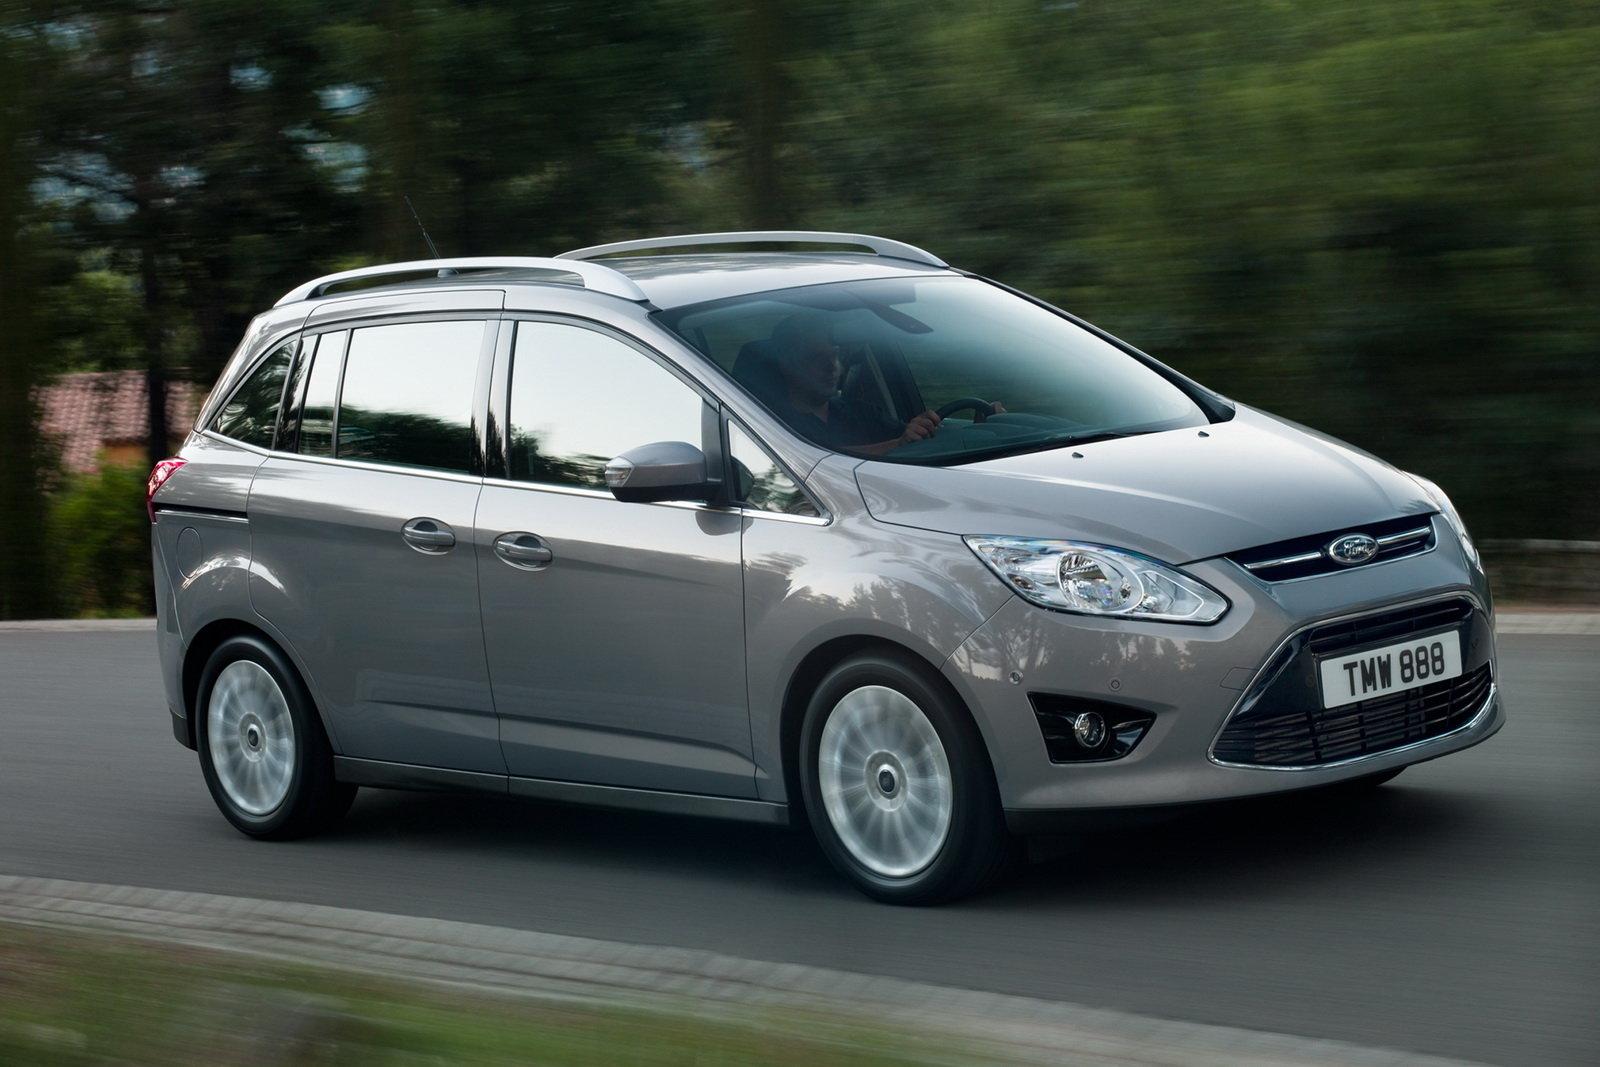 Ford C Max 7 Prova Scheda Tecnica Opinioni E Dimensioni 2 0 Tdci 163 Cv Titanium